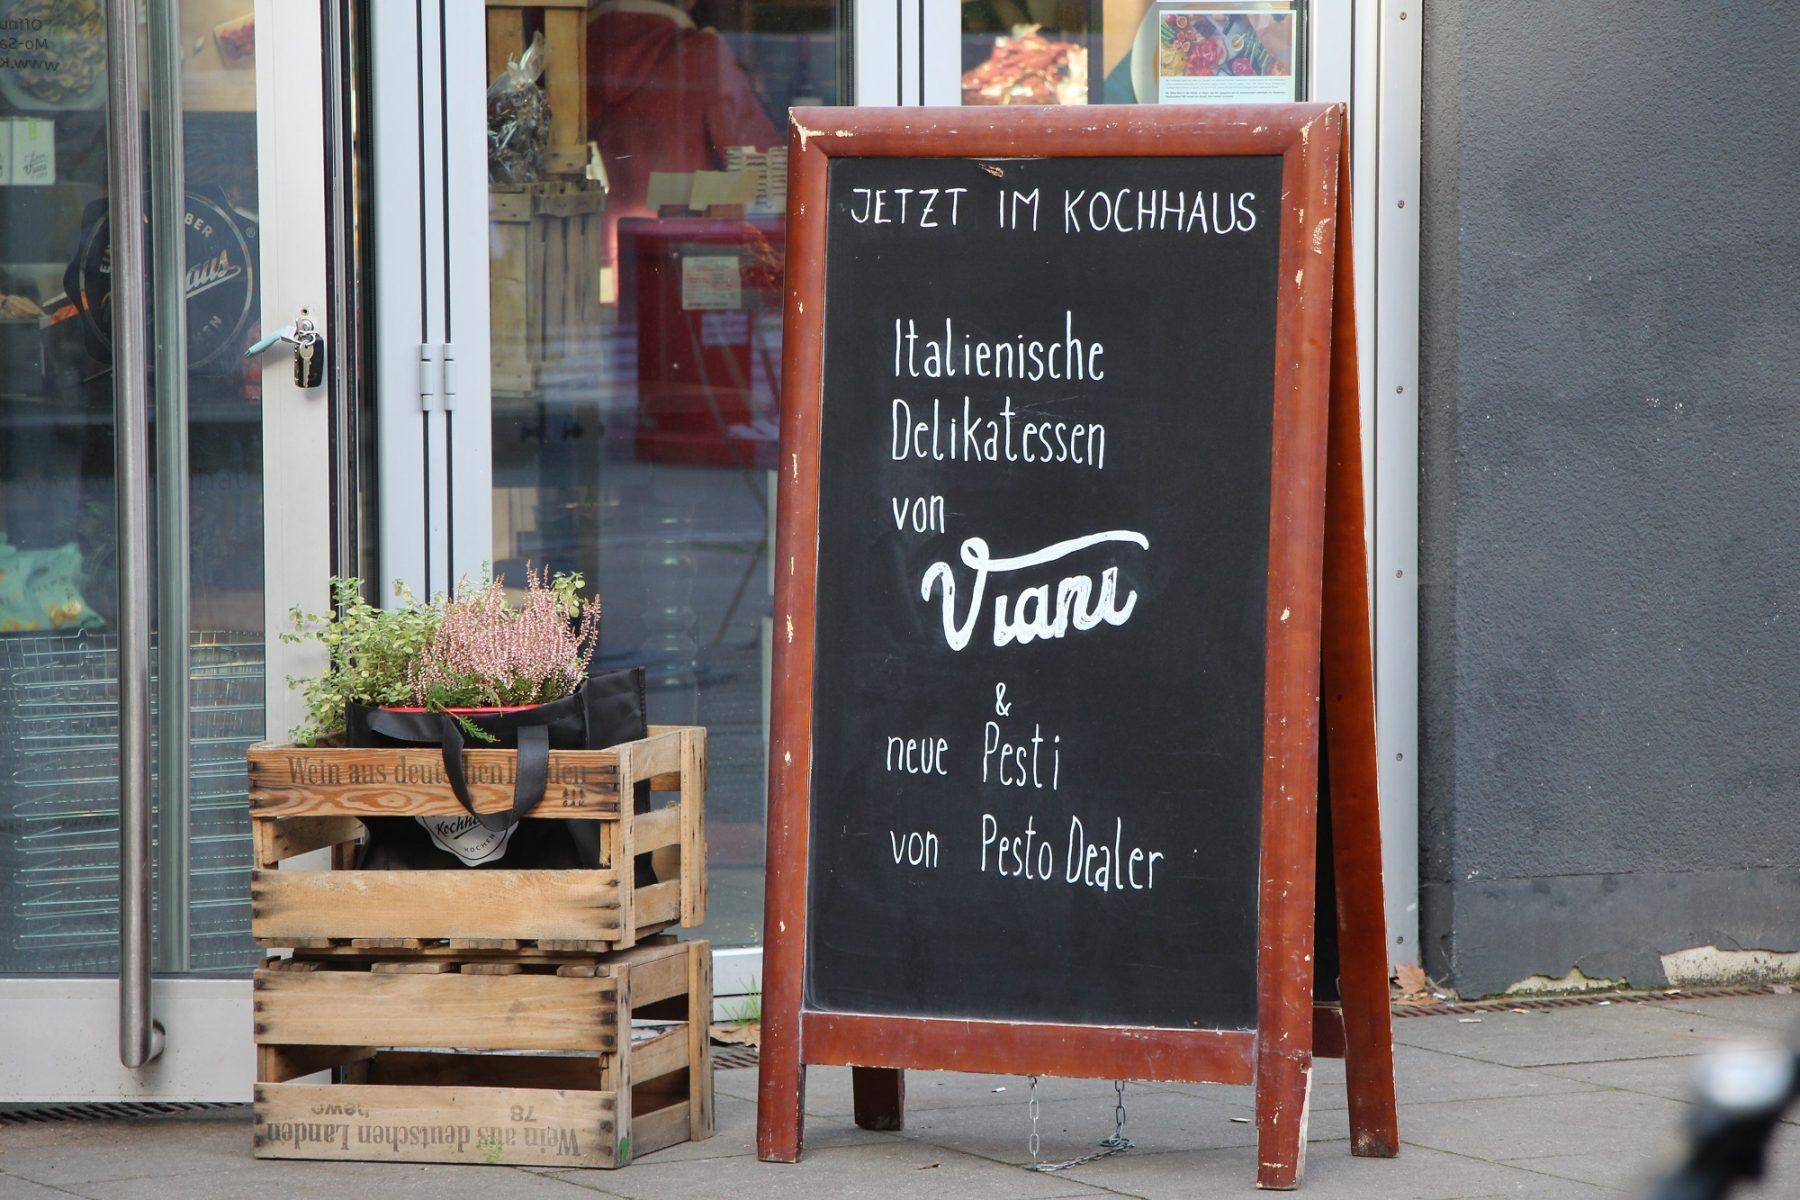 Im Kochhaus wird es zukünftig mehr Spezialitäten aus dem Mittelmeerraum geben. Foto: Catharina Rudschies